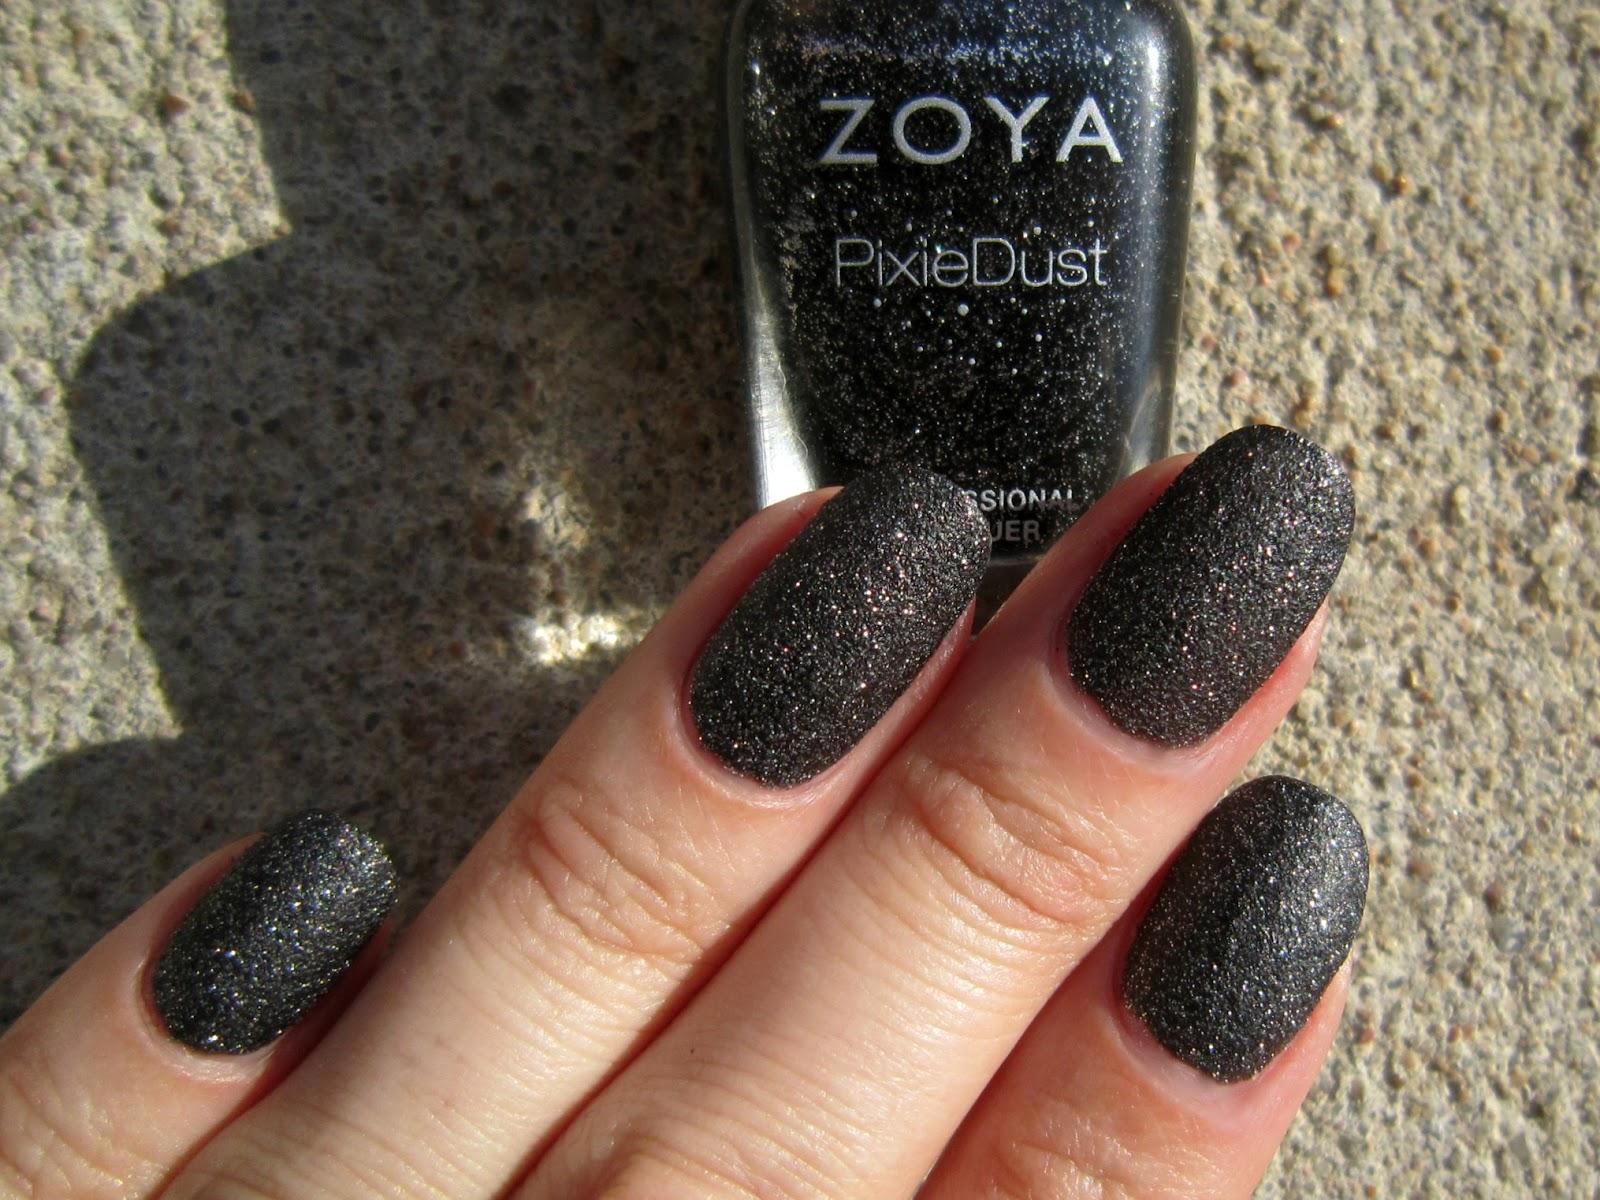 Zoya Pixie Dust Chyna Concrete and Nail Poli...